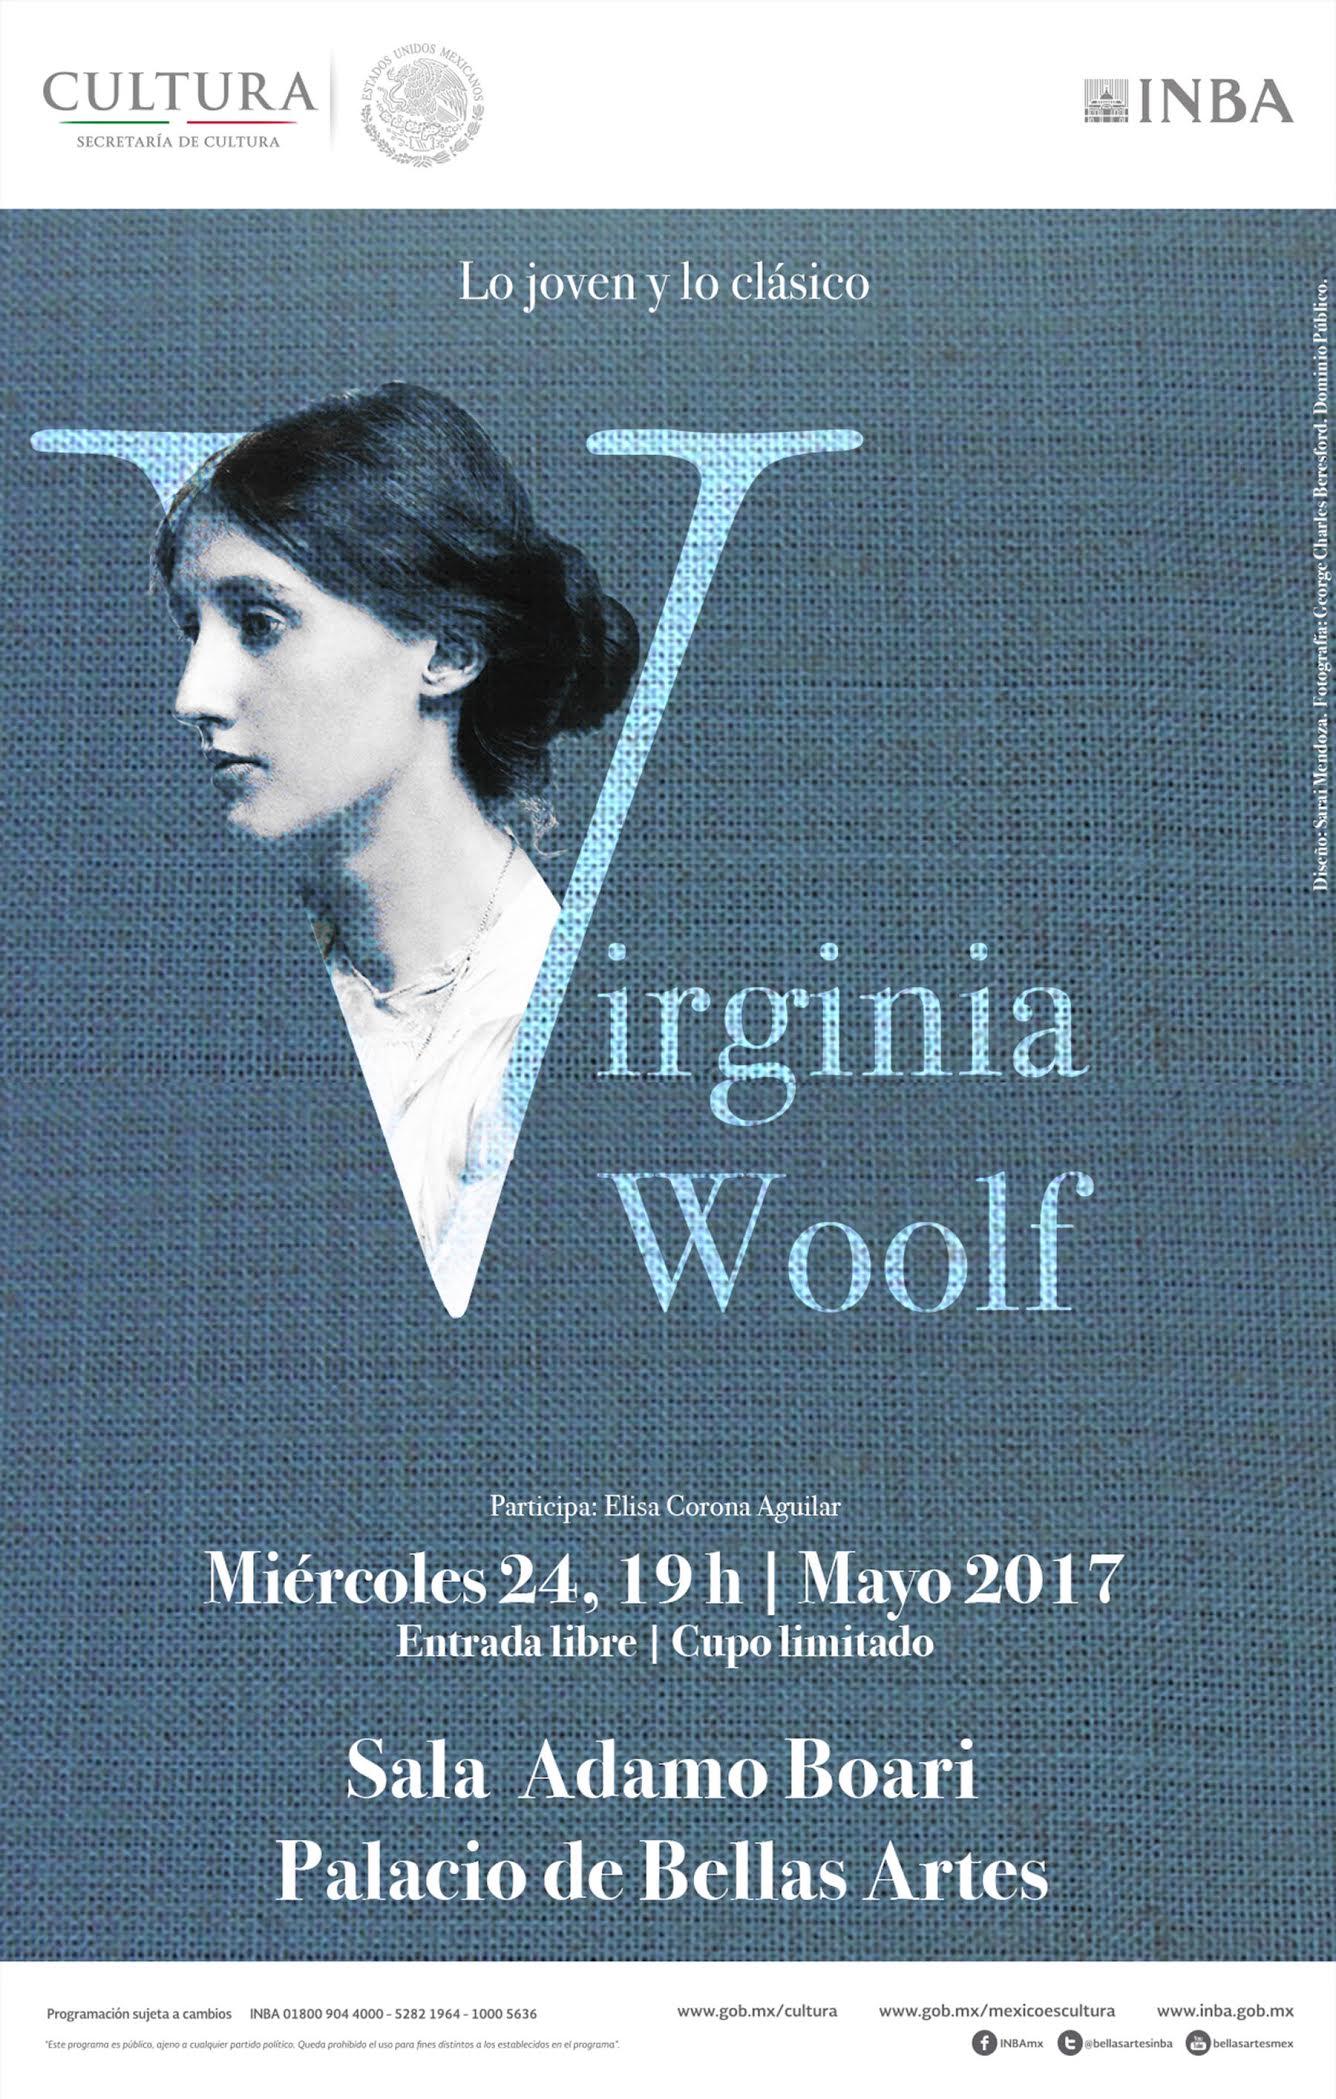 Abordarán la obra de Virginia Woolf  en el ciclo Lo joven y lo c